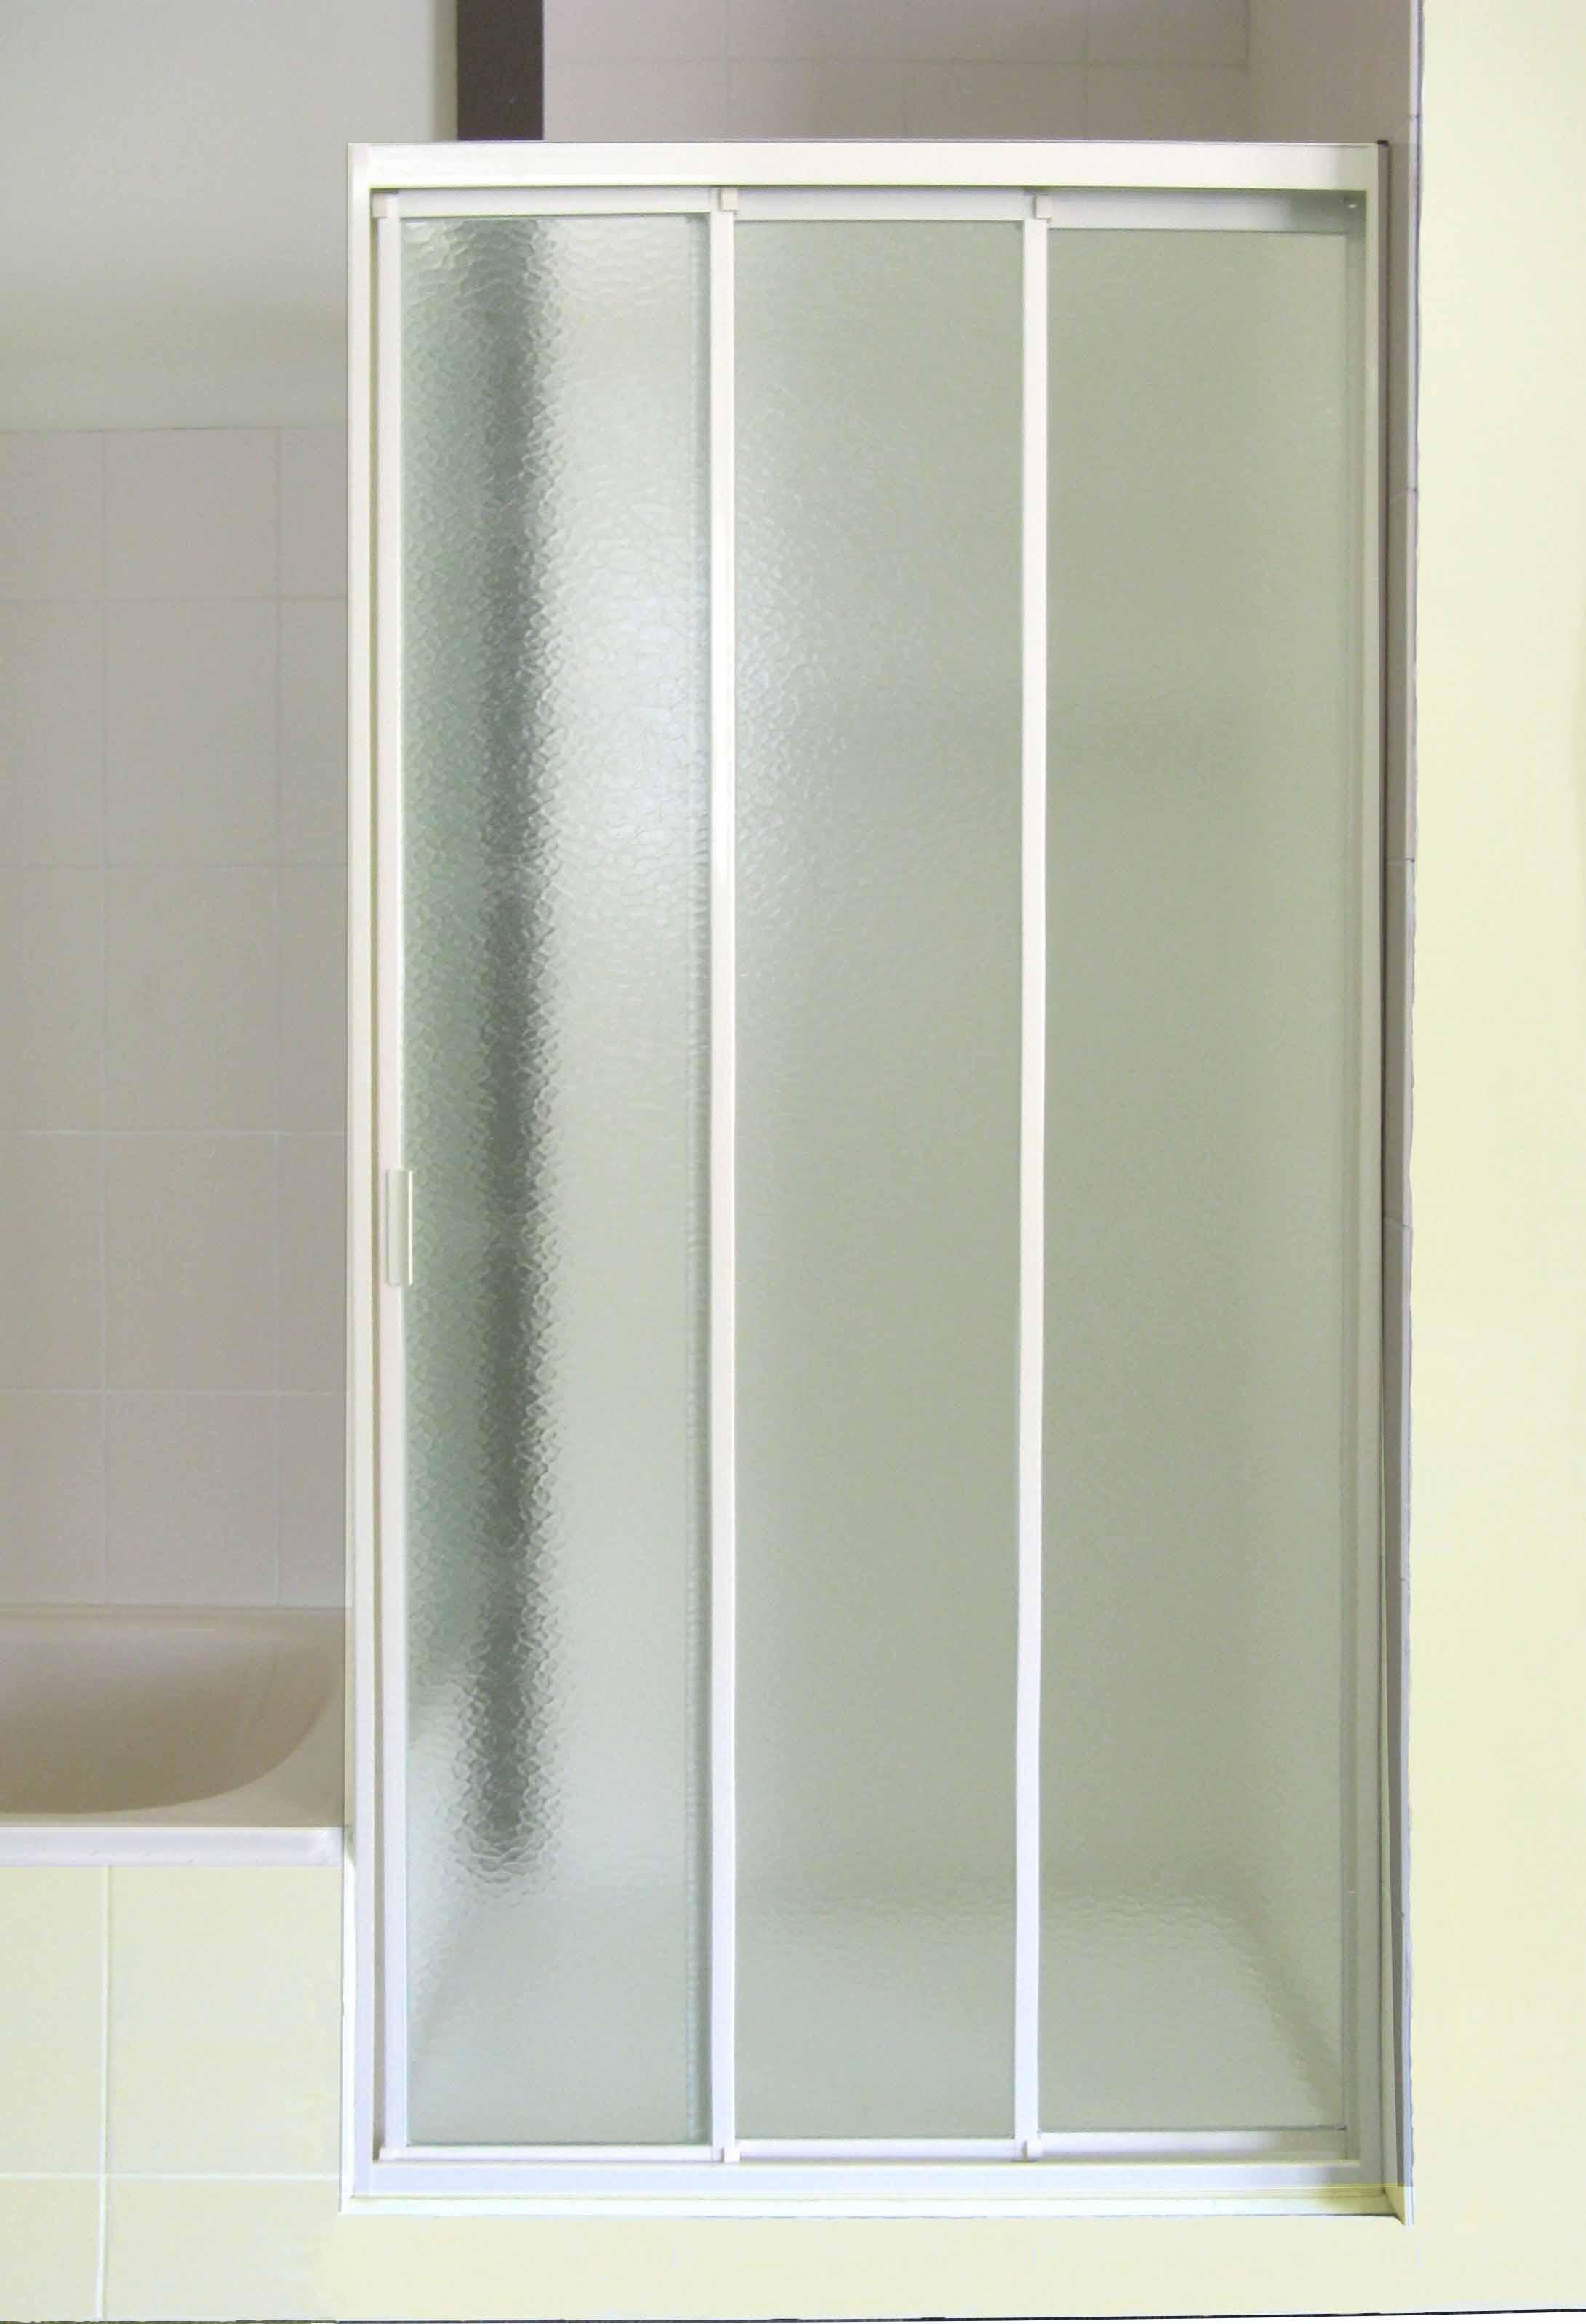 Replacement Sliding Shower Doors